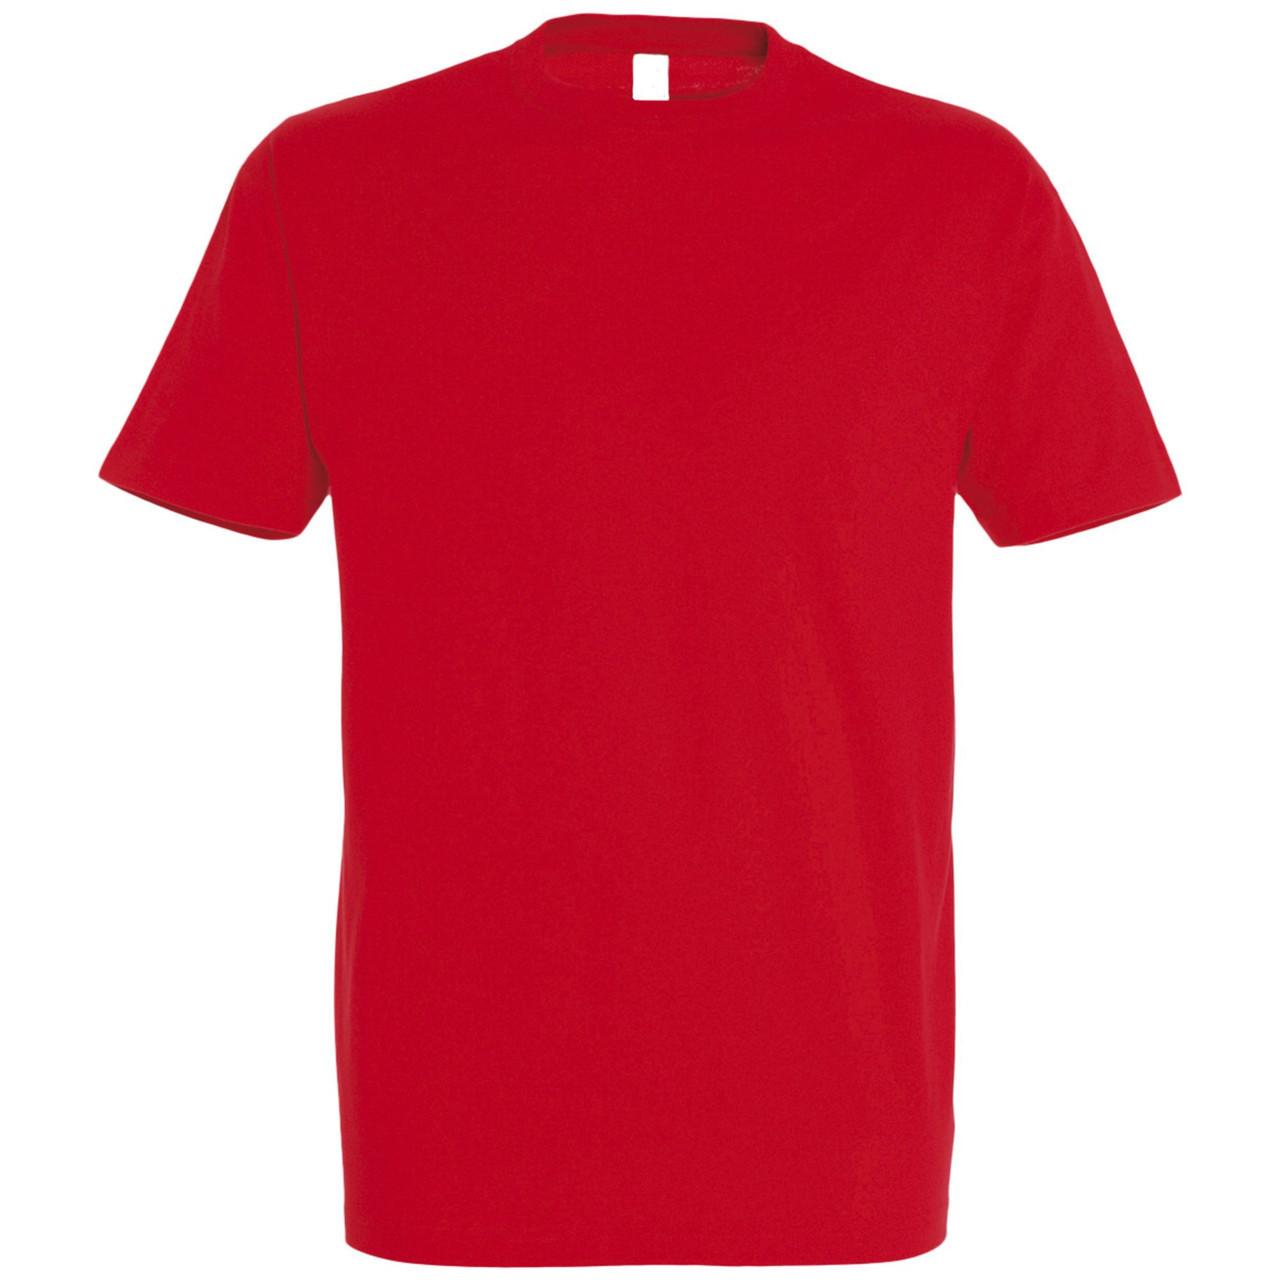 Oднотонная футболка   Красная   160 гр.   S